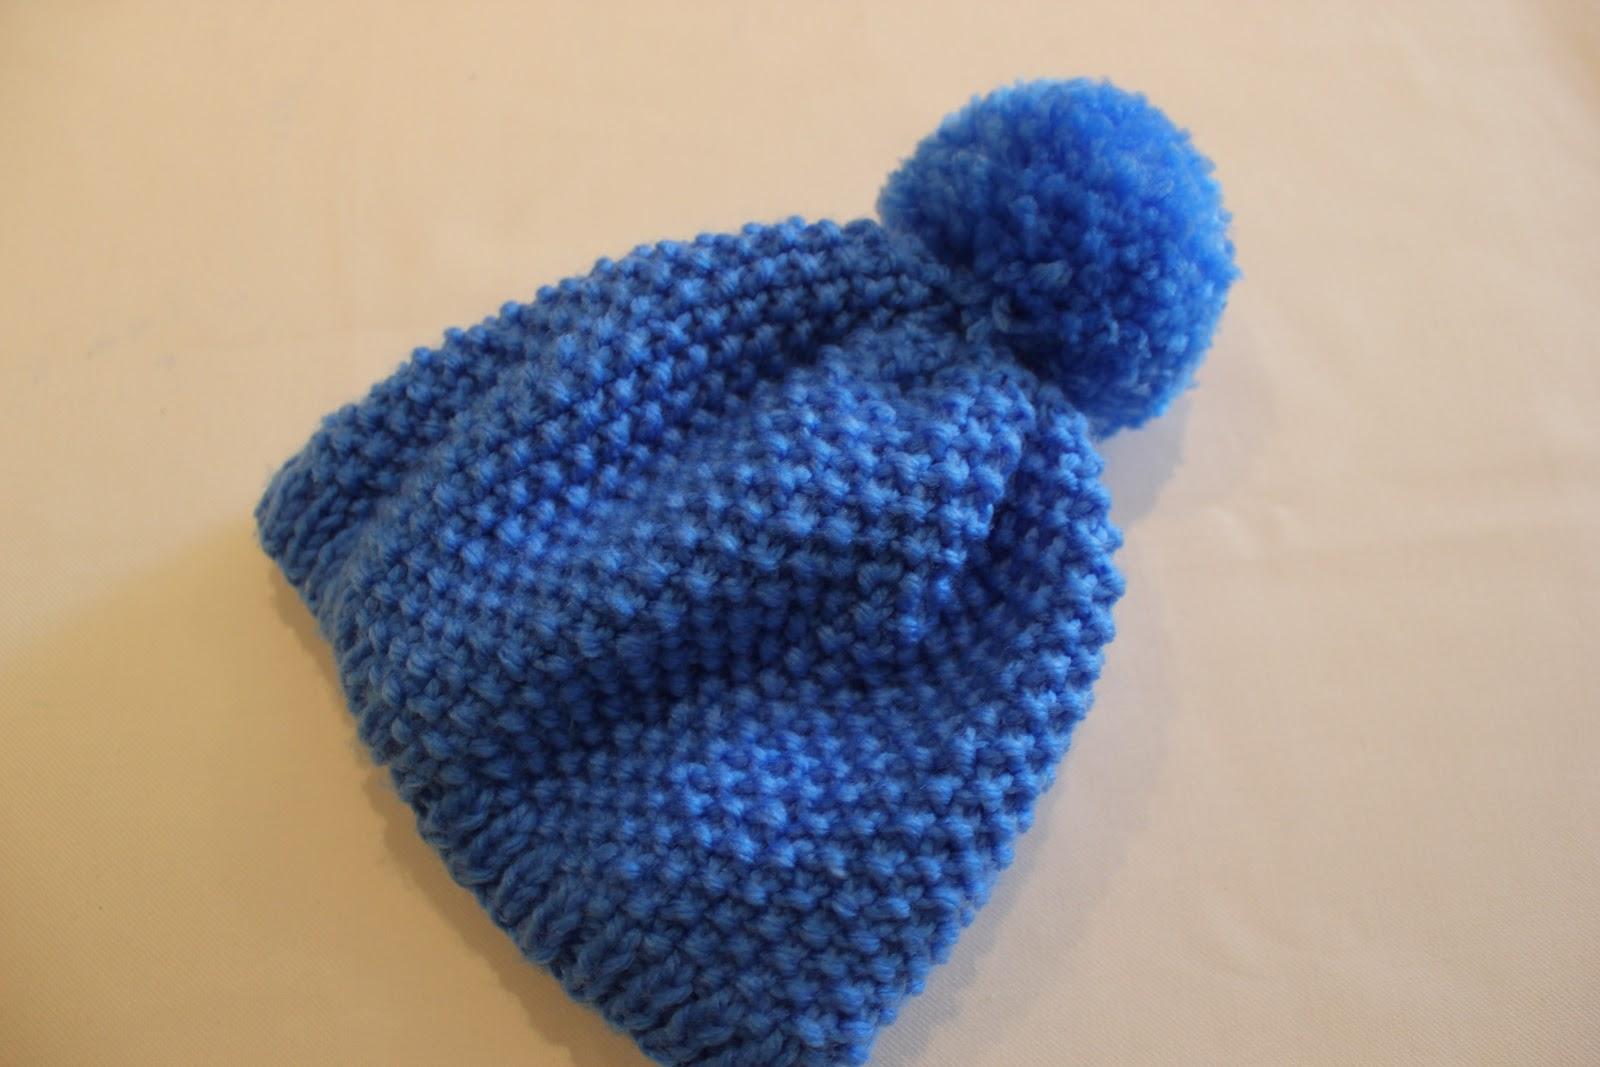 Aprender a tejer  Cómo hacer un gorro de lana con punto de arroz DIY ... 021cb5780d8